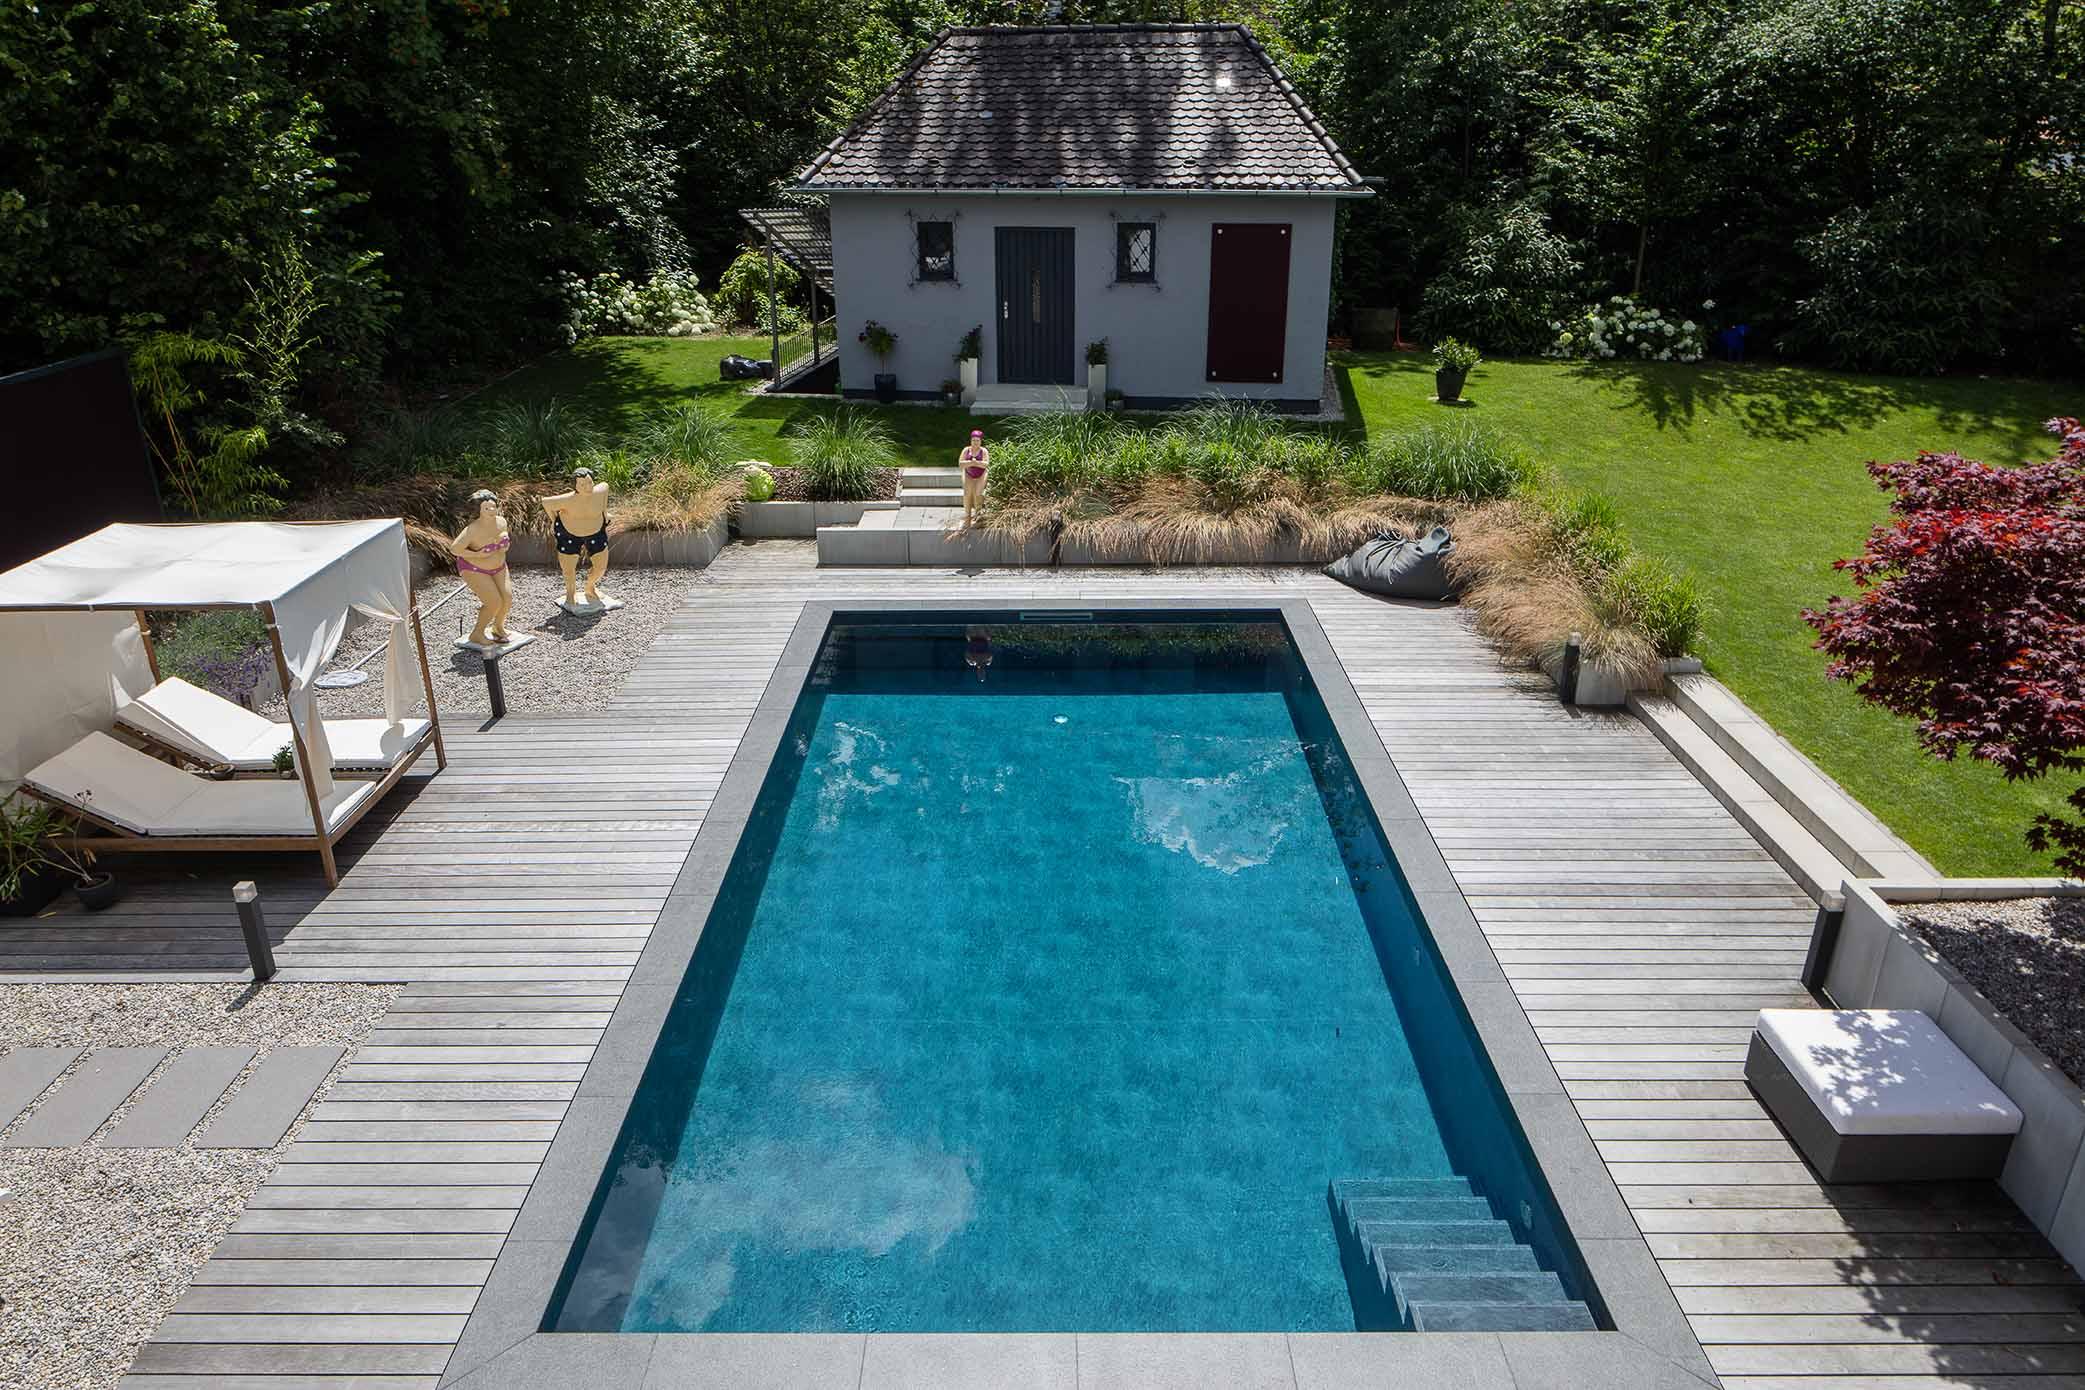 Garten mit Swimmingpool in moderner Gestaltung